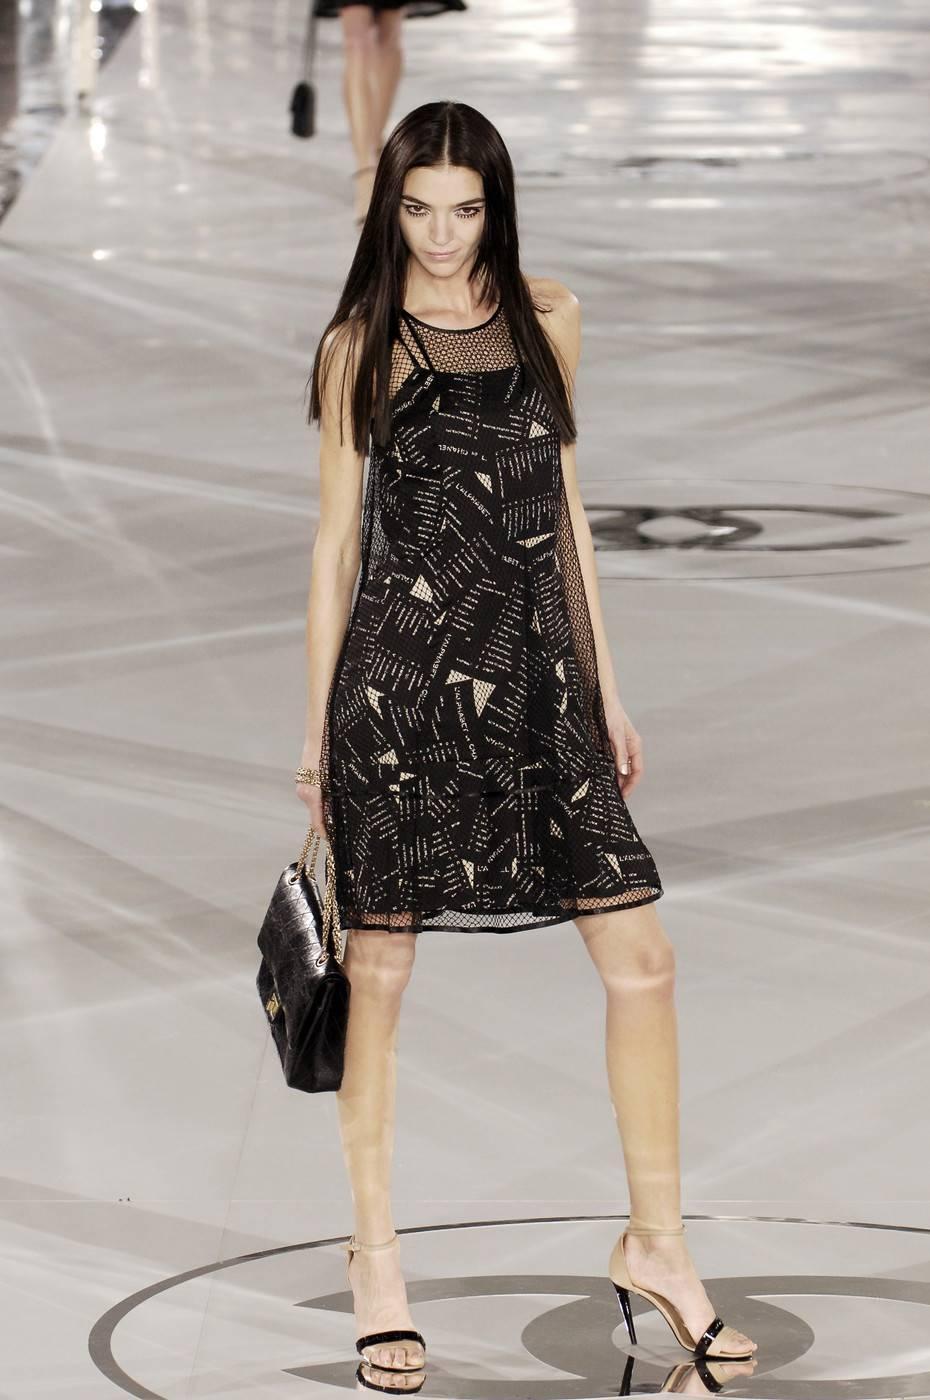 Sheer dresses runway